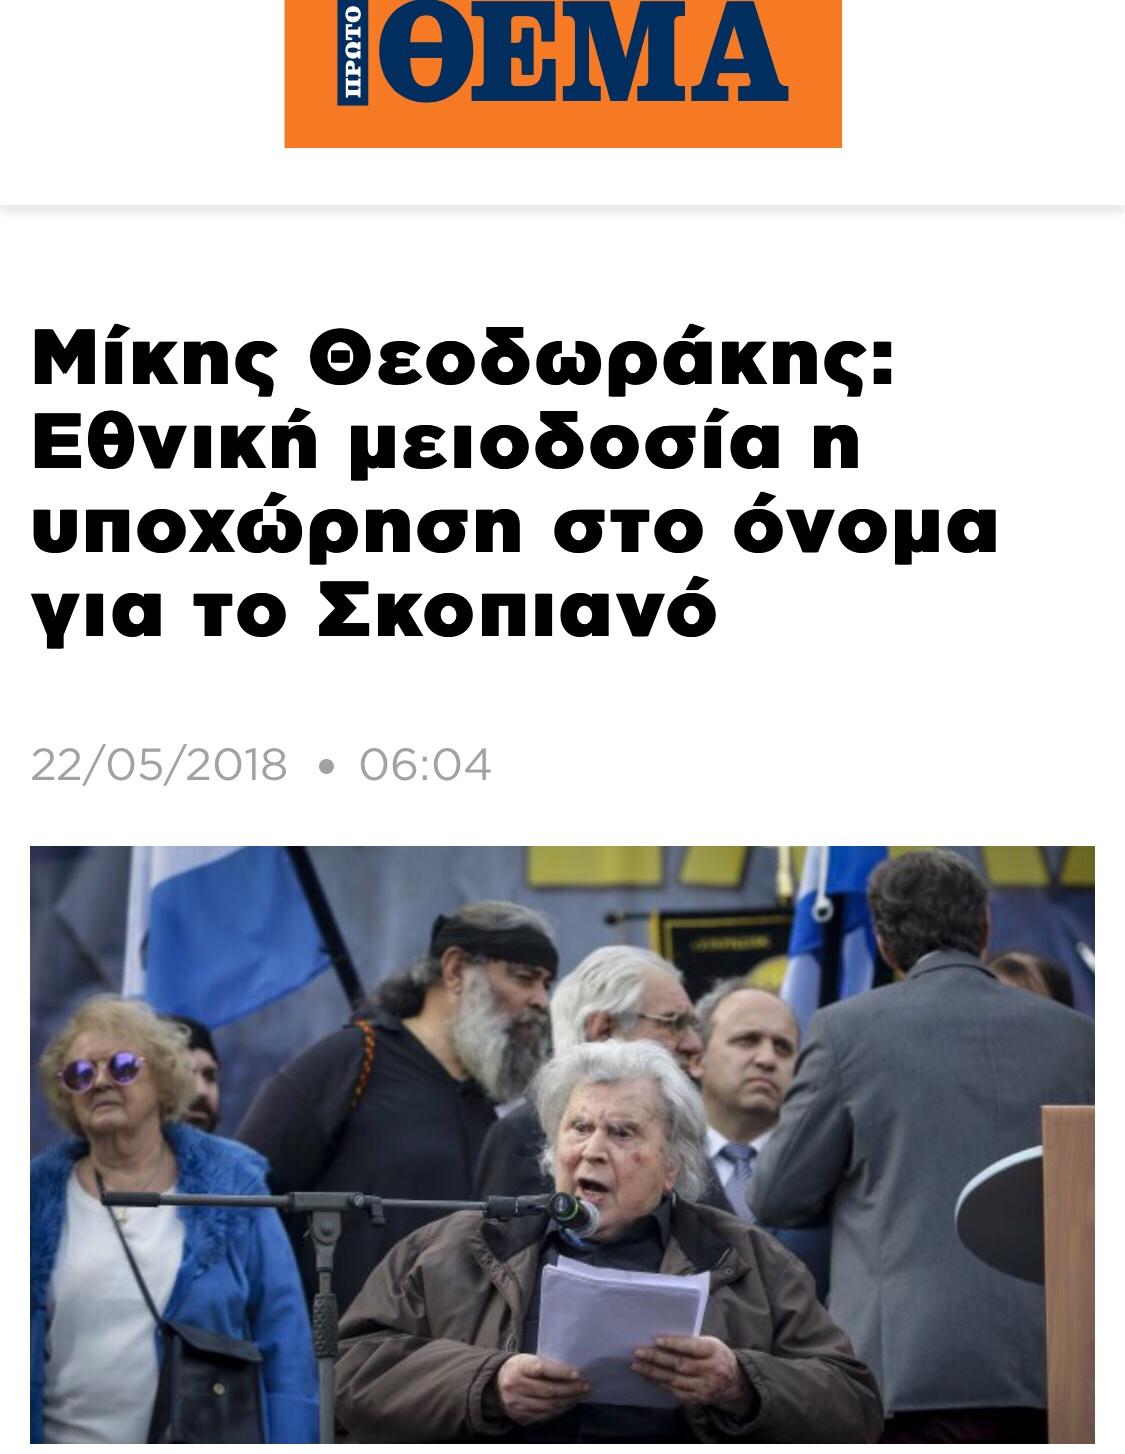 Η σκληρή αυτοκριτική του κυρίου Μίκη Θεοδωράκη για την Μακεδονία.